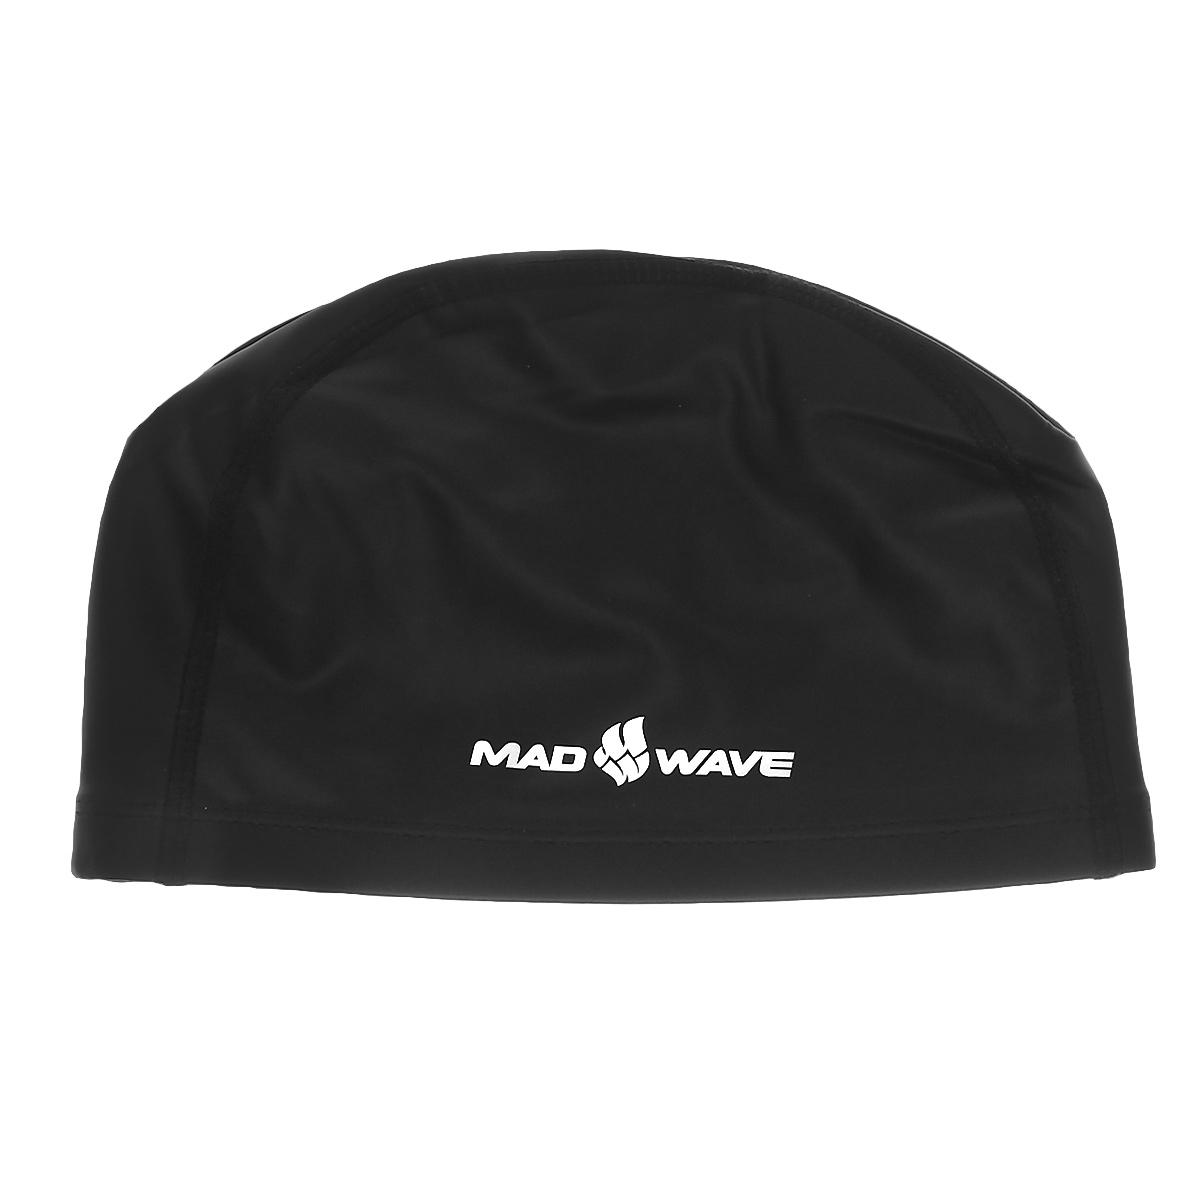 Шапочка для плавания Mad Wave PUT Coated, цвет: черный2220Текстильная шапочка Mad Wave PUT Coated с полиуретановым покрытием. Лучший выбор для ежедневных тренировок. Легкая и эргономичая. Легко снимается и надевается, хорошо садится по форме головы и очень комфортна, благодаря комбинации нескольких материалов.